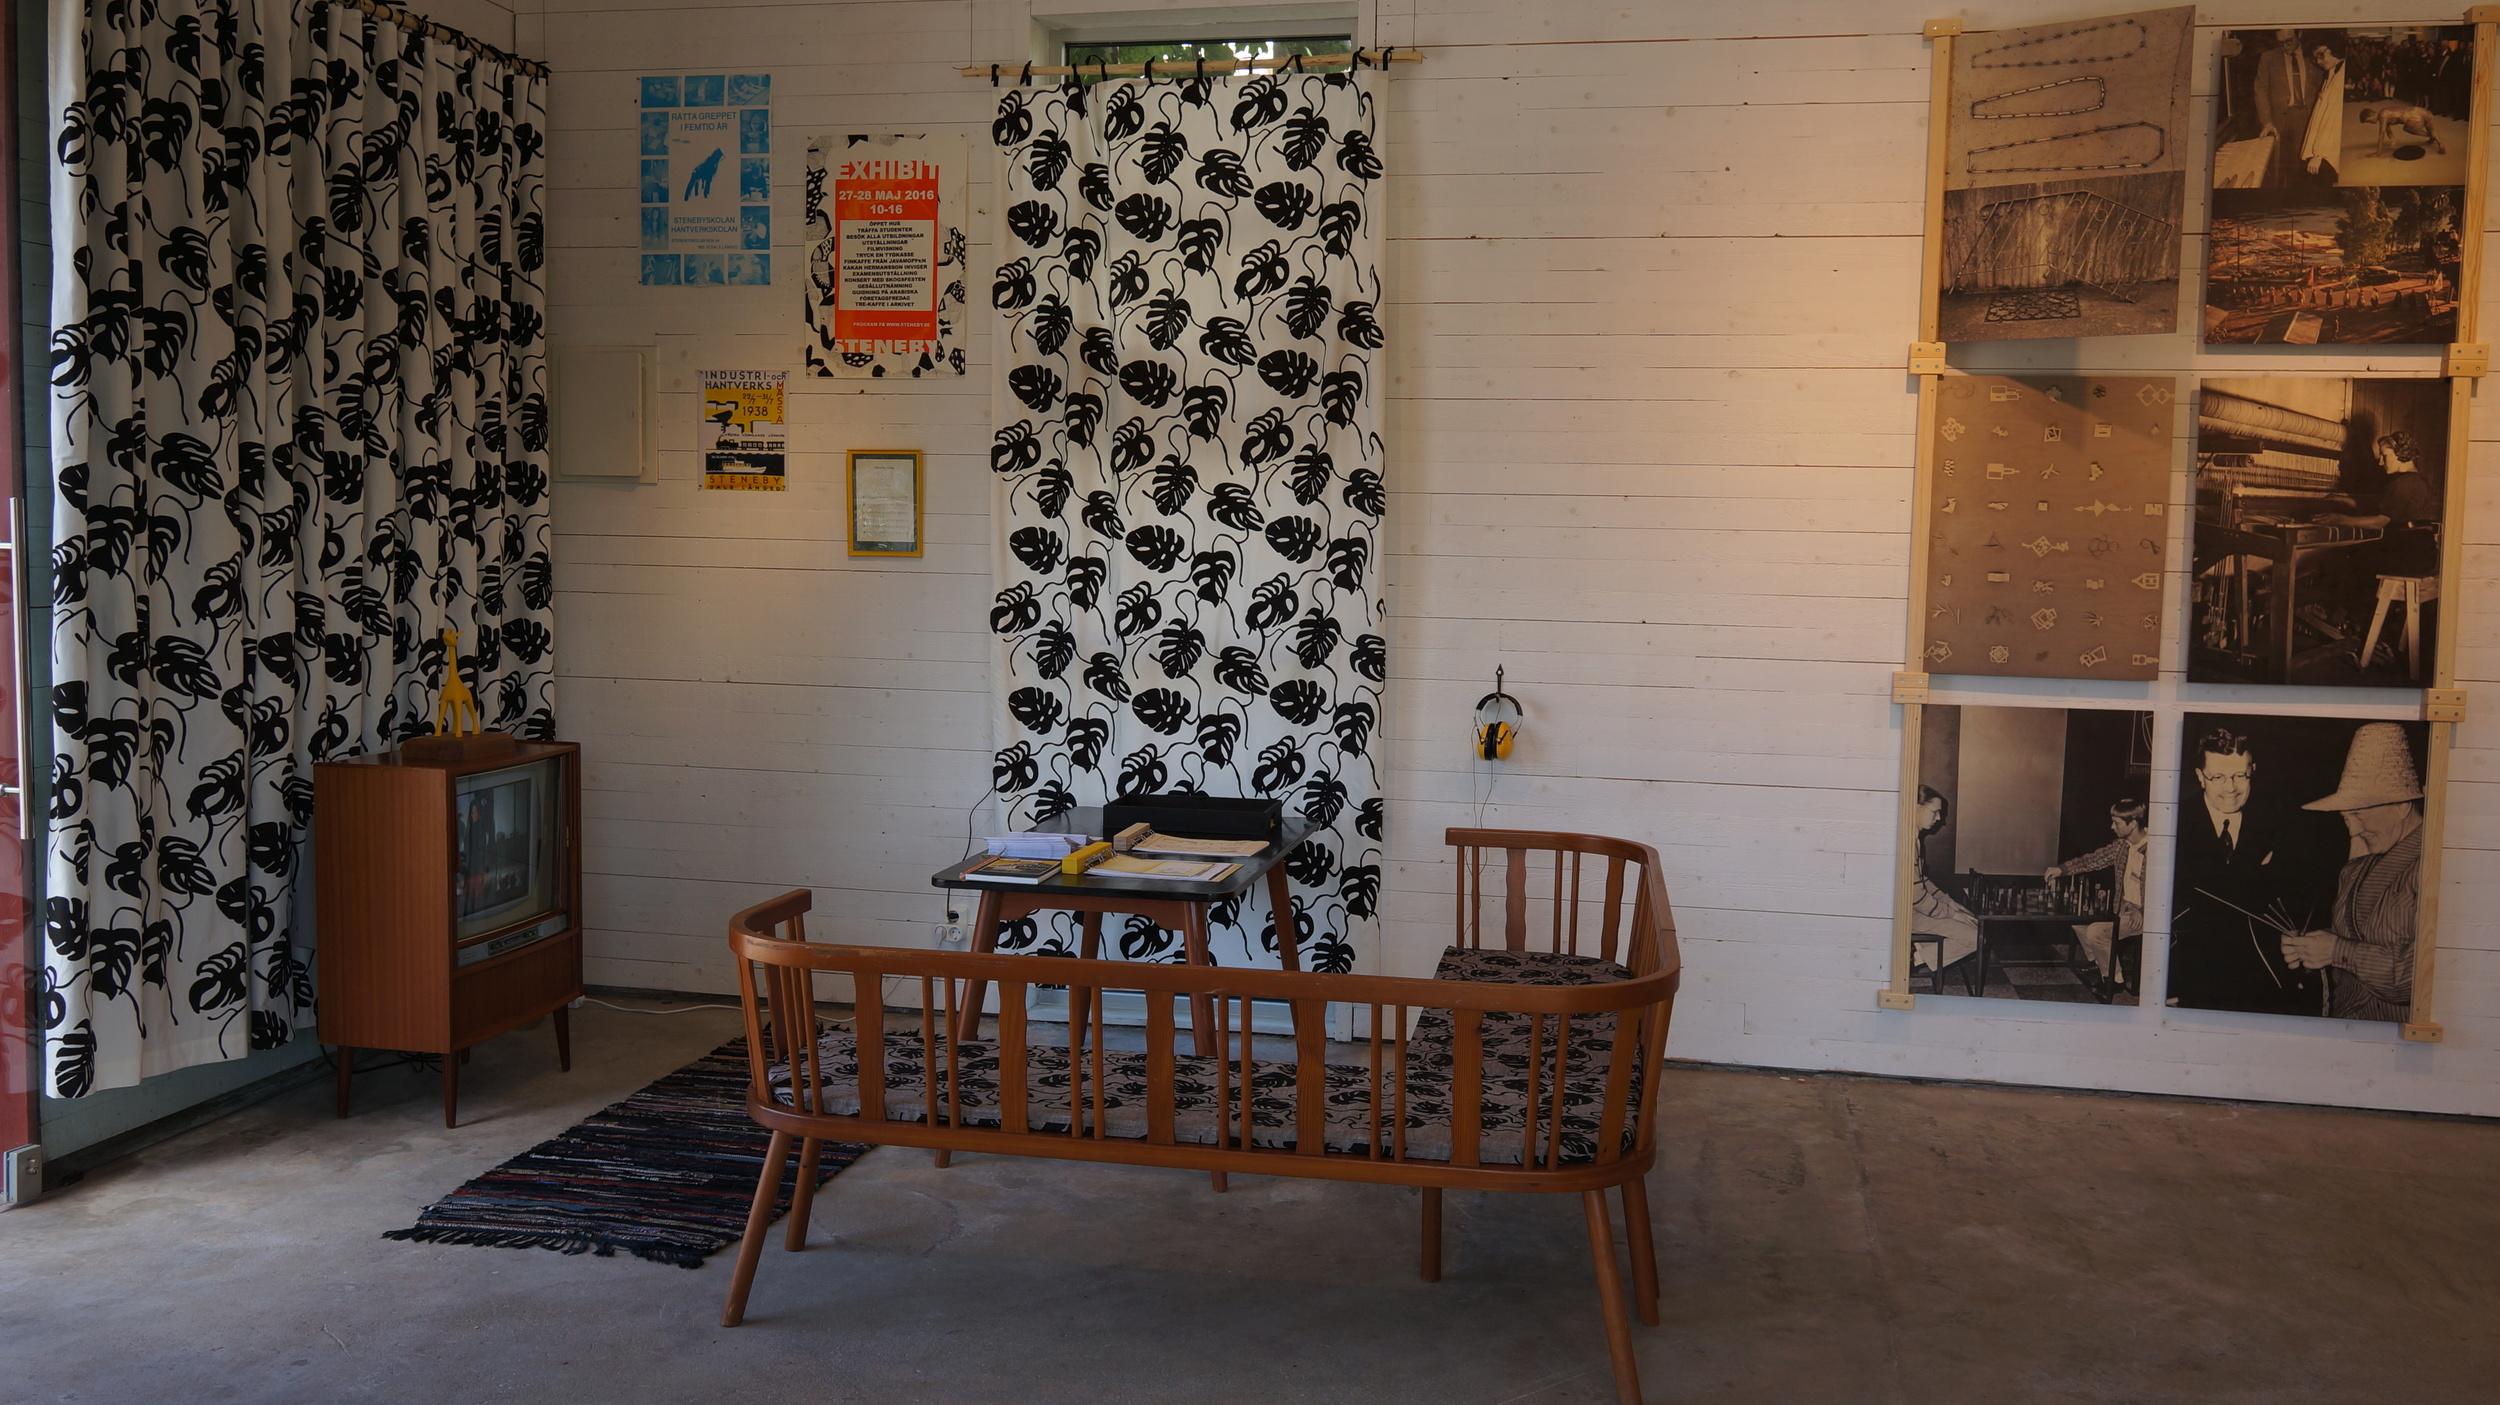 Gamla stenebymöbler. Textiltryck av Olivia. Vändbara plywoodprintar med arkivbilder. Video med gamla filmer.